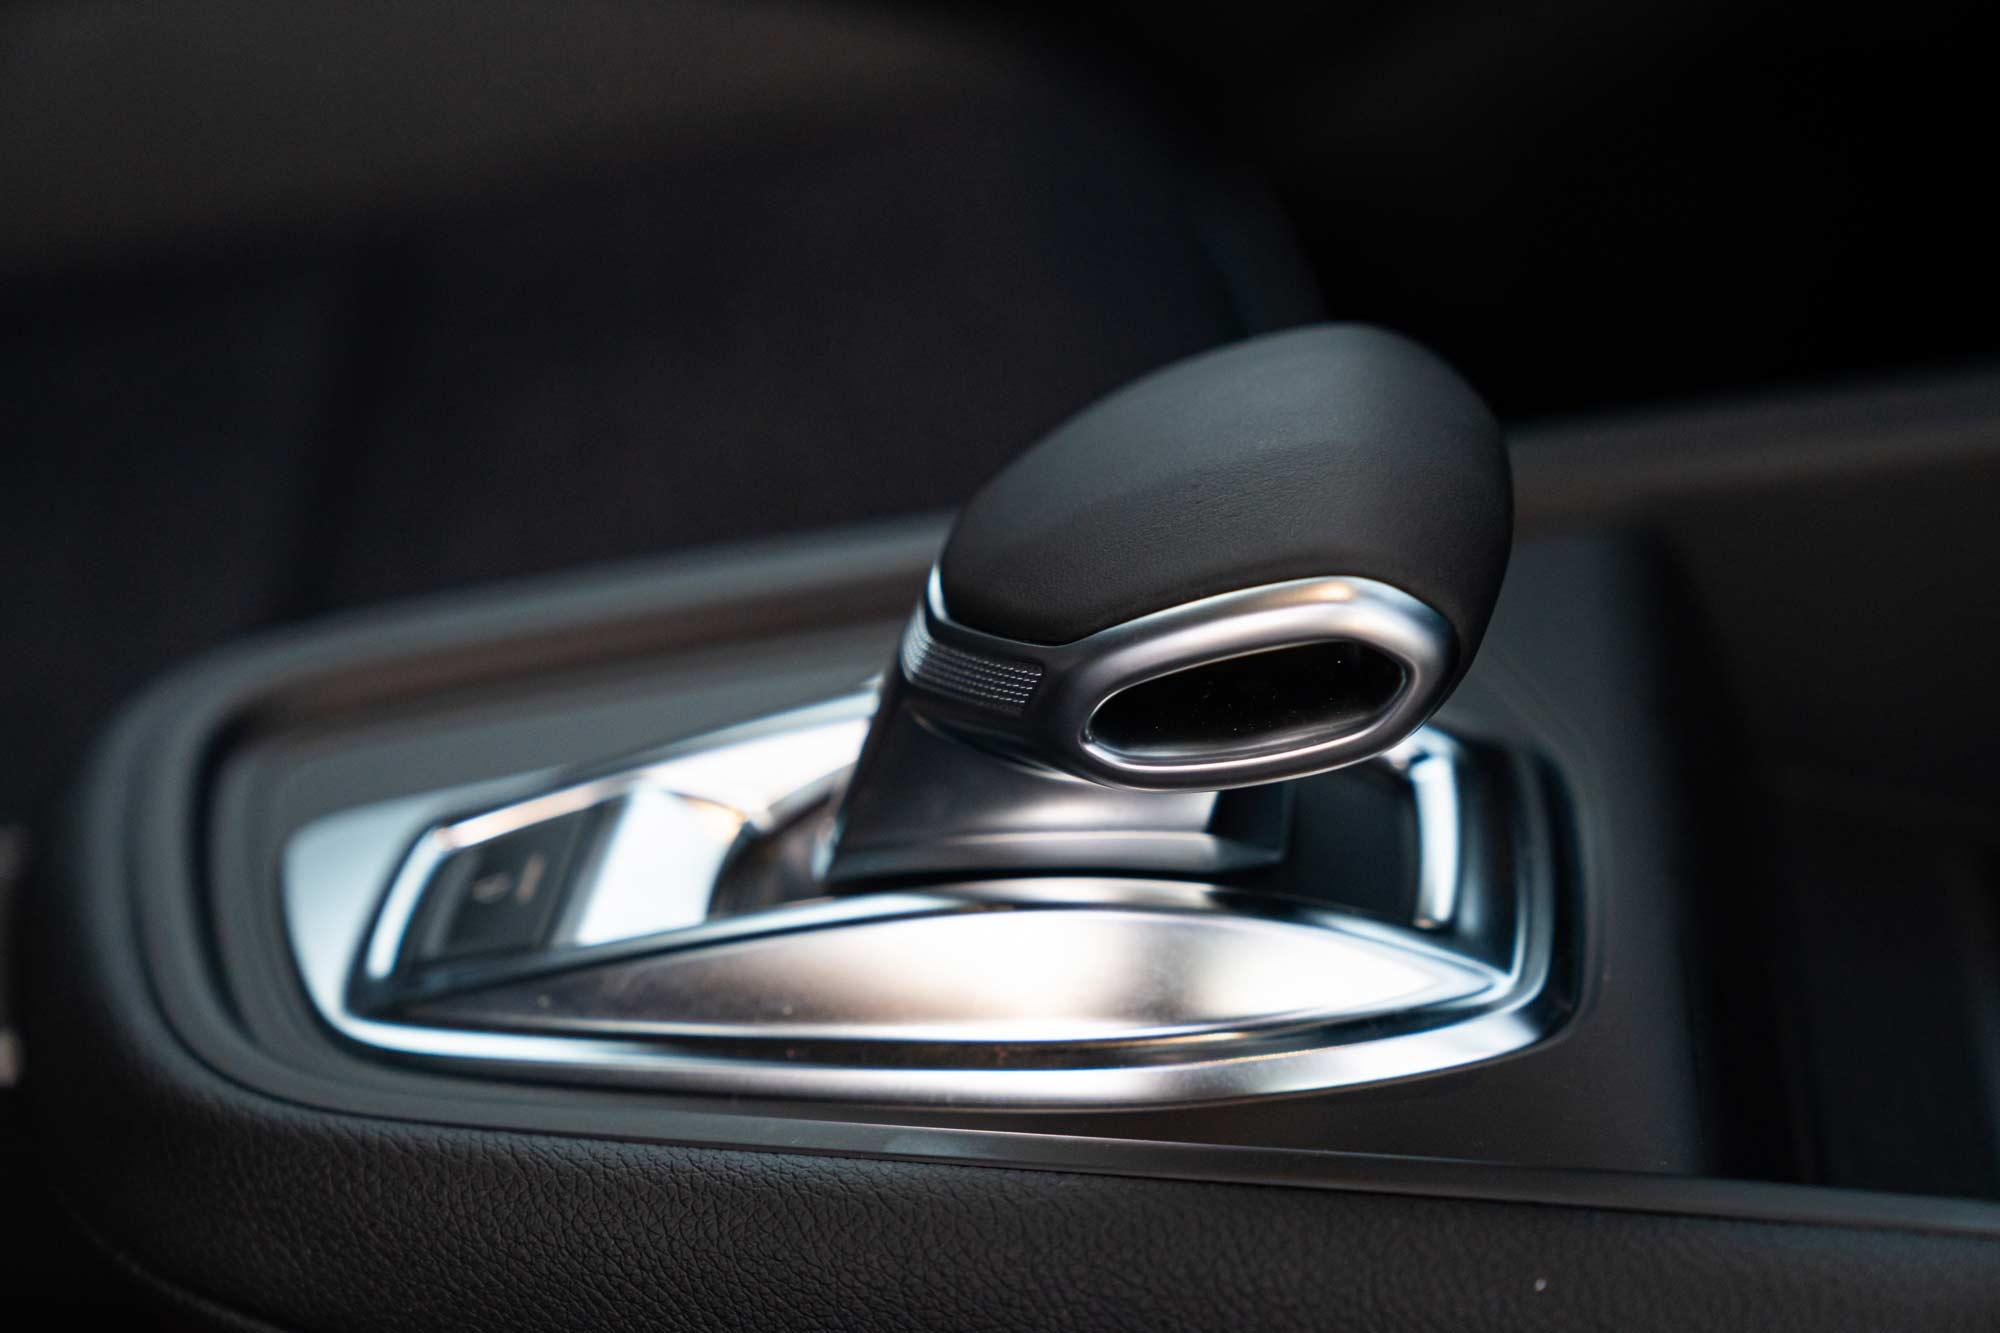 Dettaglio cambio Renault Captur Ibrida